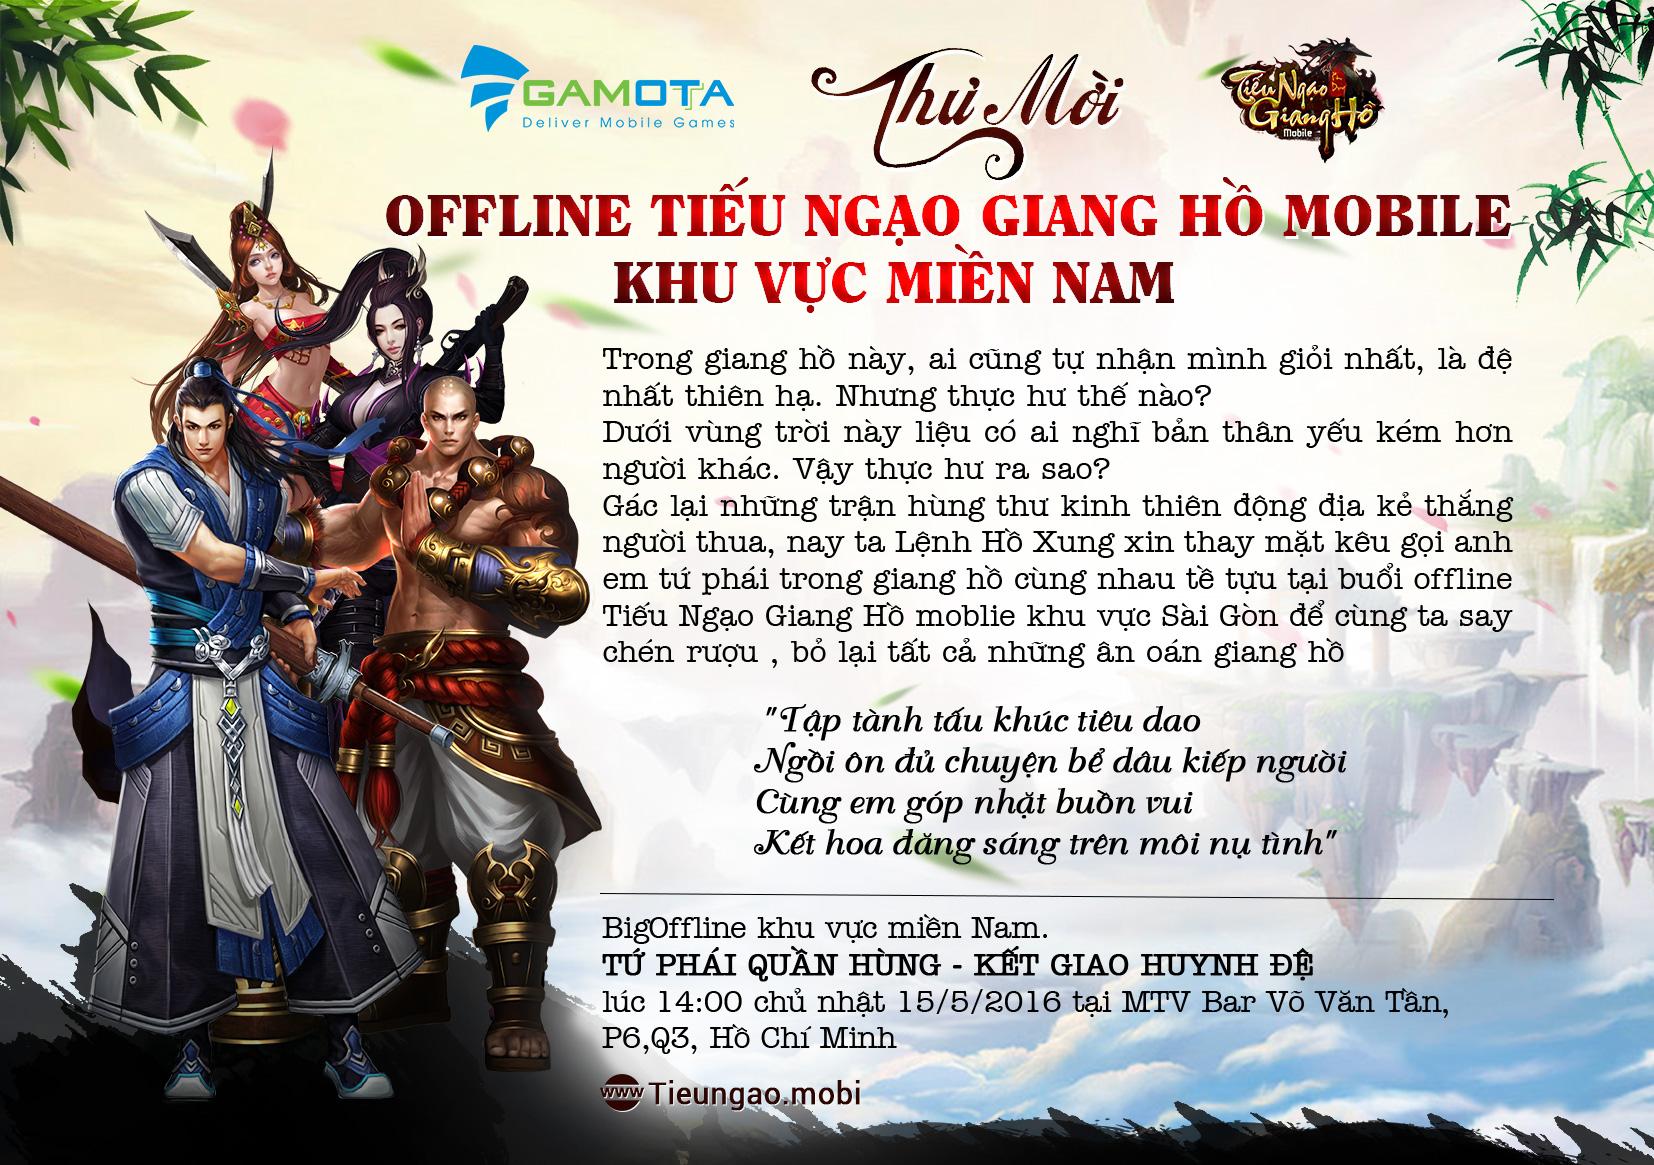 TNGH Mobile – Quậy hết mình tại buổi offline Sài Gòn cùng người nổi tiếng 0